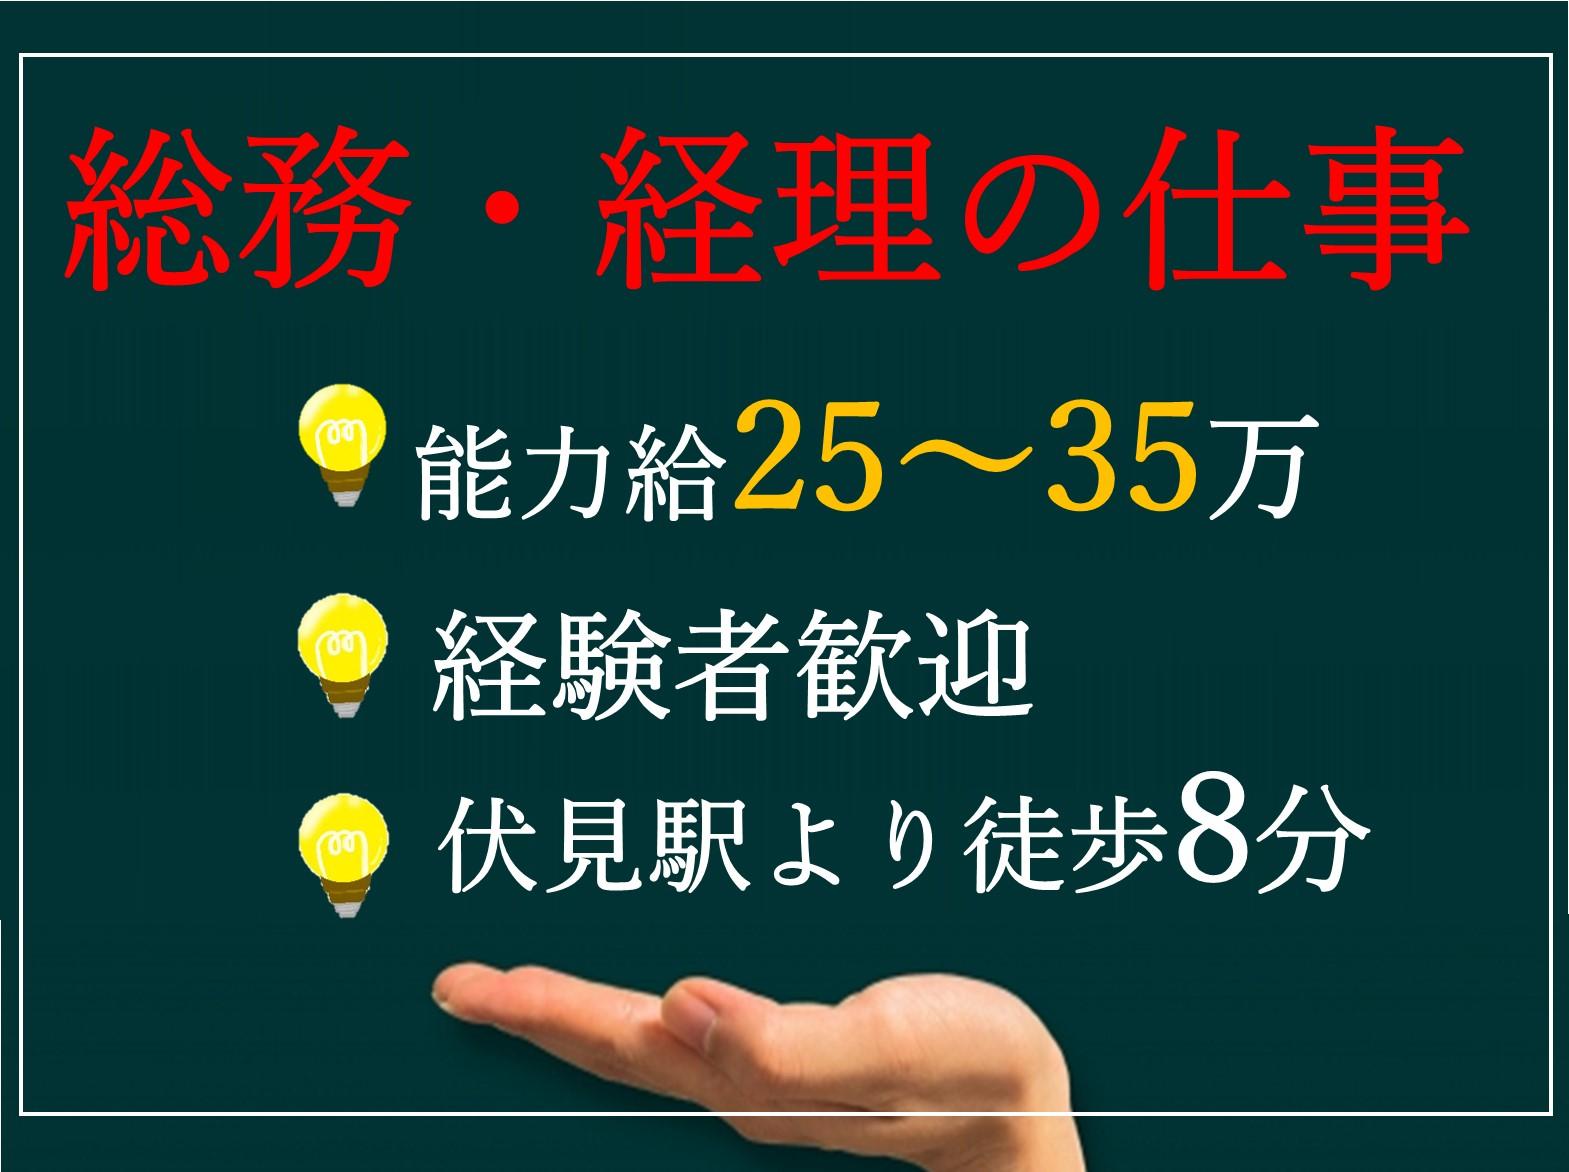 能力給25~35万!伏見駅から徒歩8分!総務・経理業務! イメージ